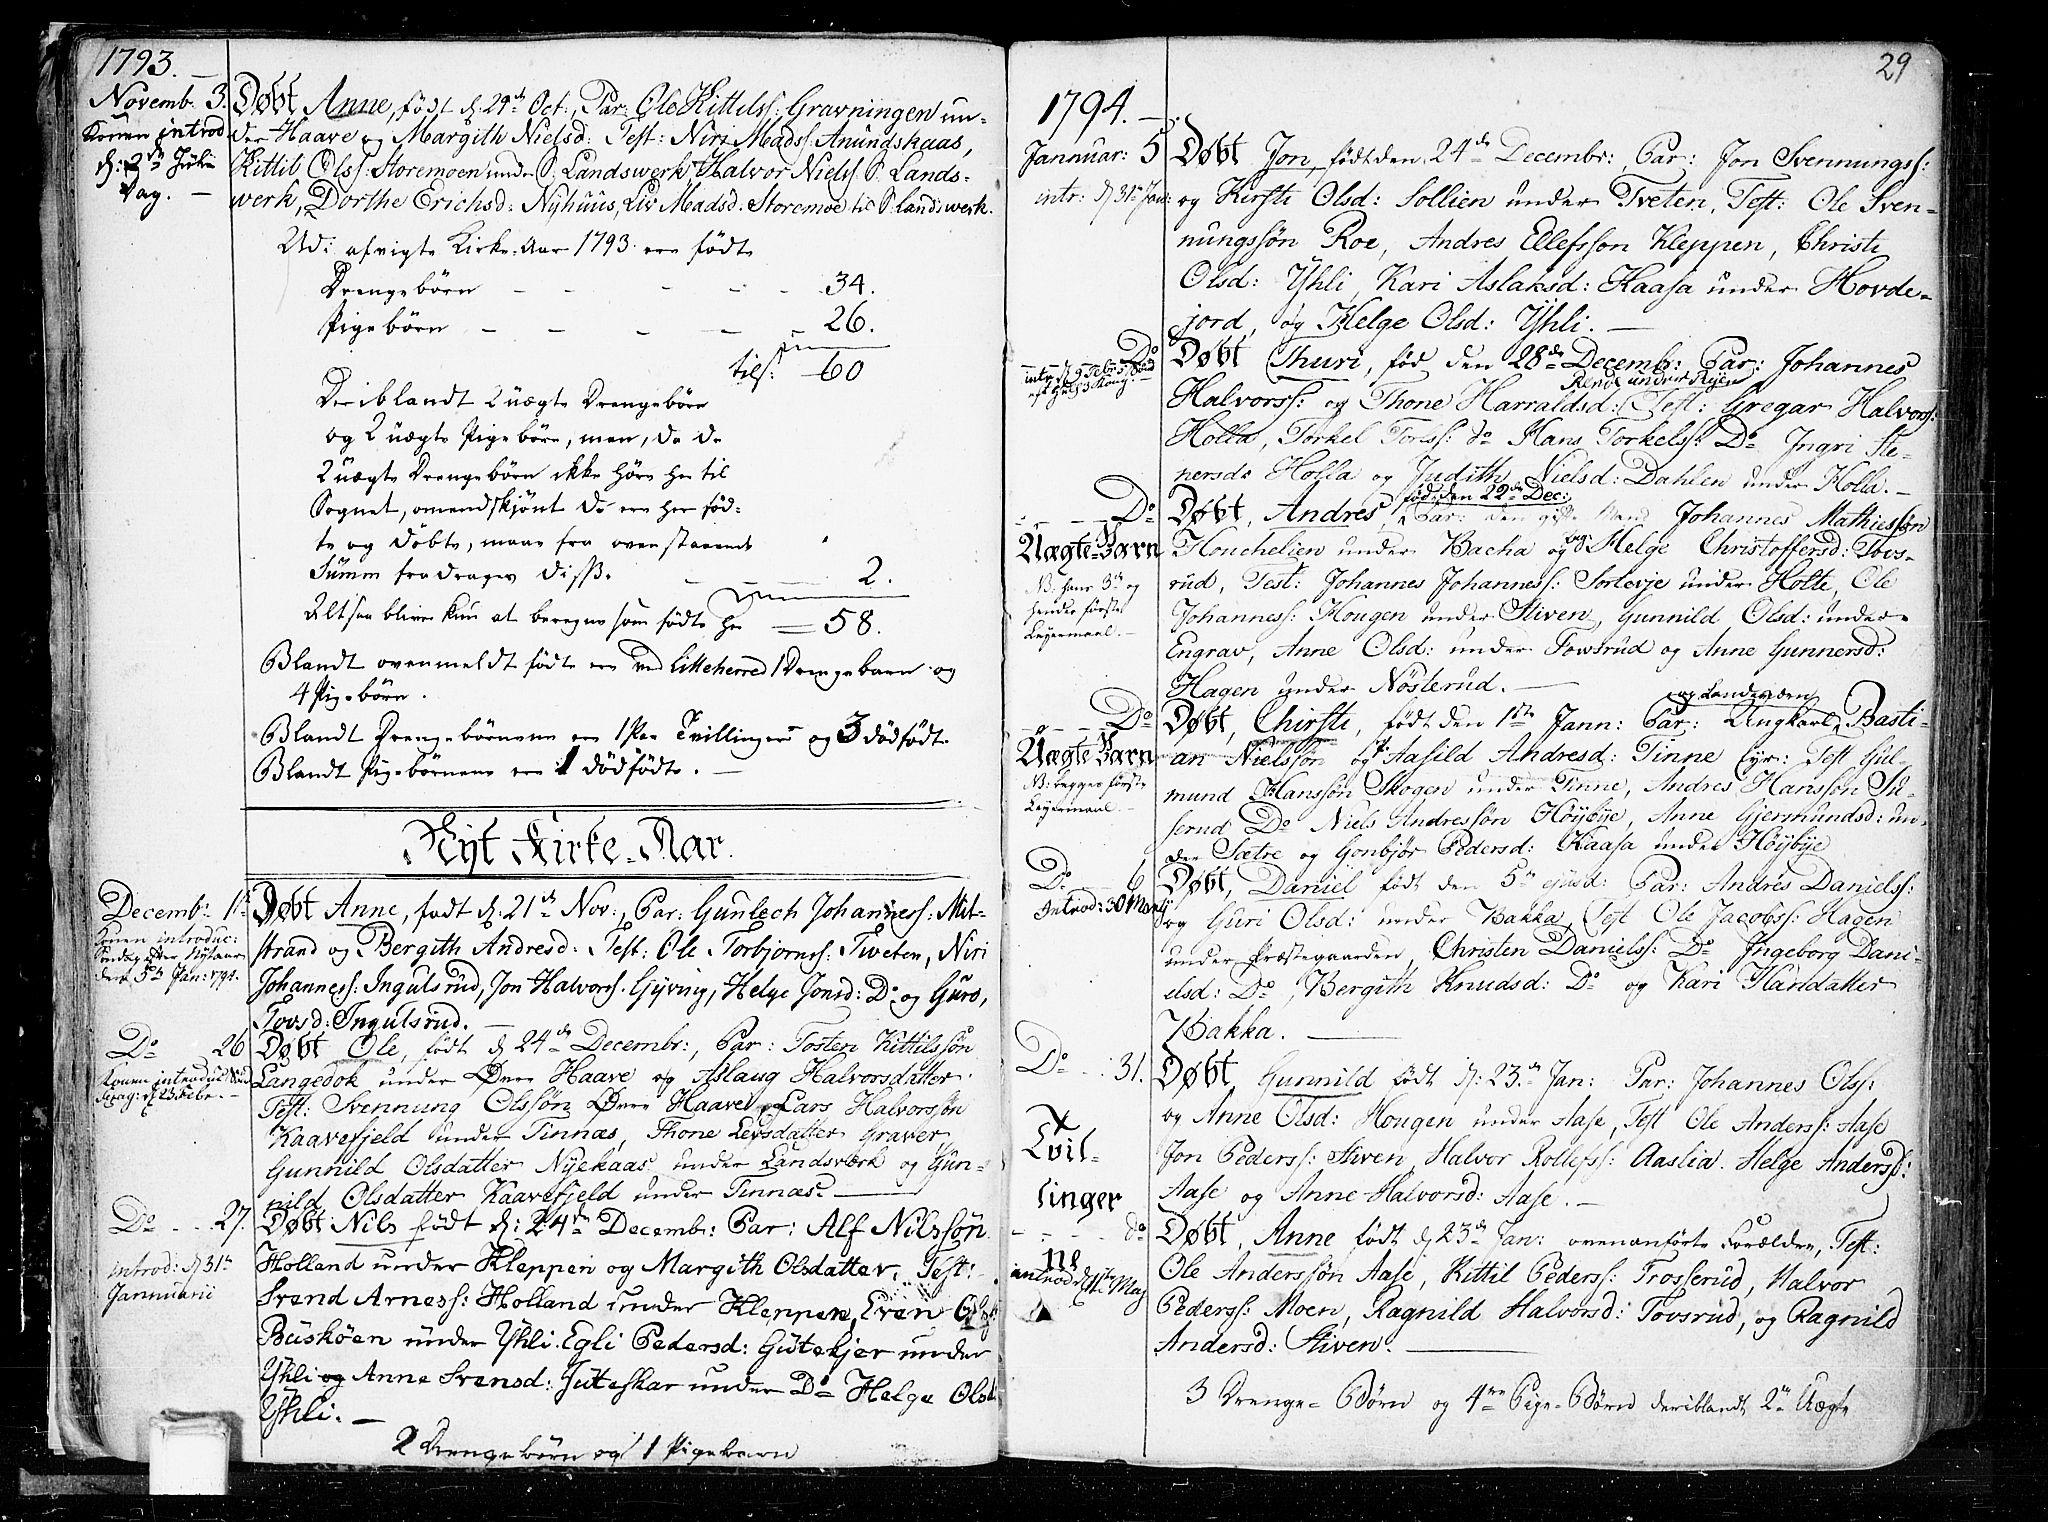 SAKO, Heddal kirkebøker, F/Fa/L0004: Ministerialbok nr. I 4, 1784-1814, s. 29